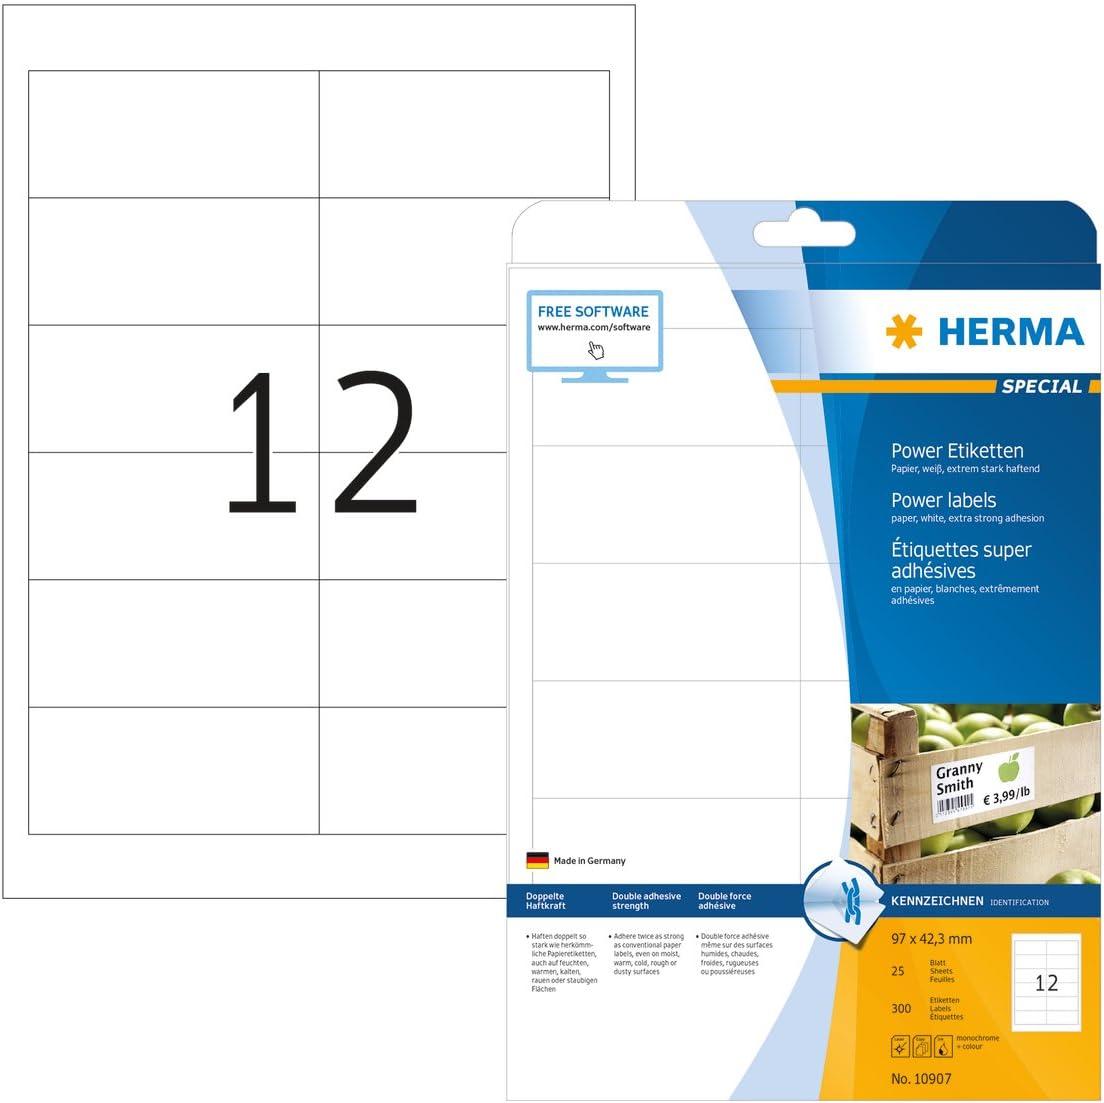 97 x 42,3 mm HERMA Etichette Impermeabili Etichette Adesive A4 per Stampante 12 Etichette per Foglio Bianche